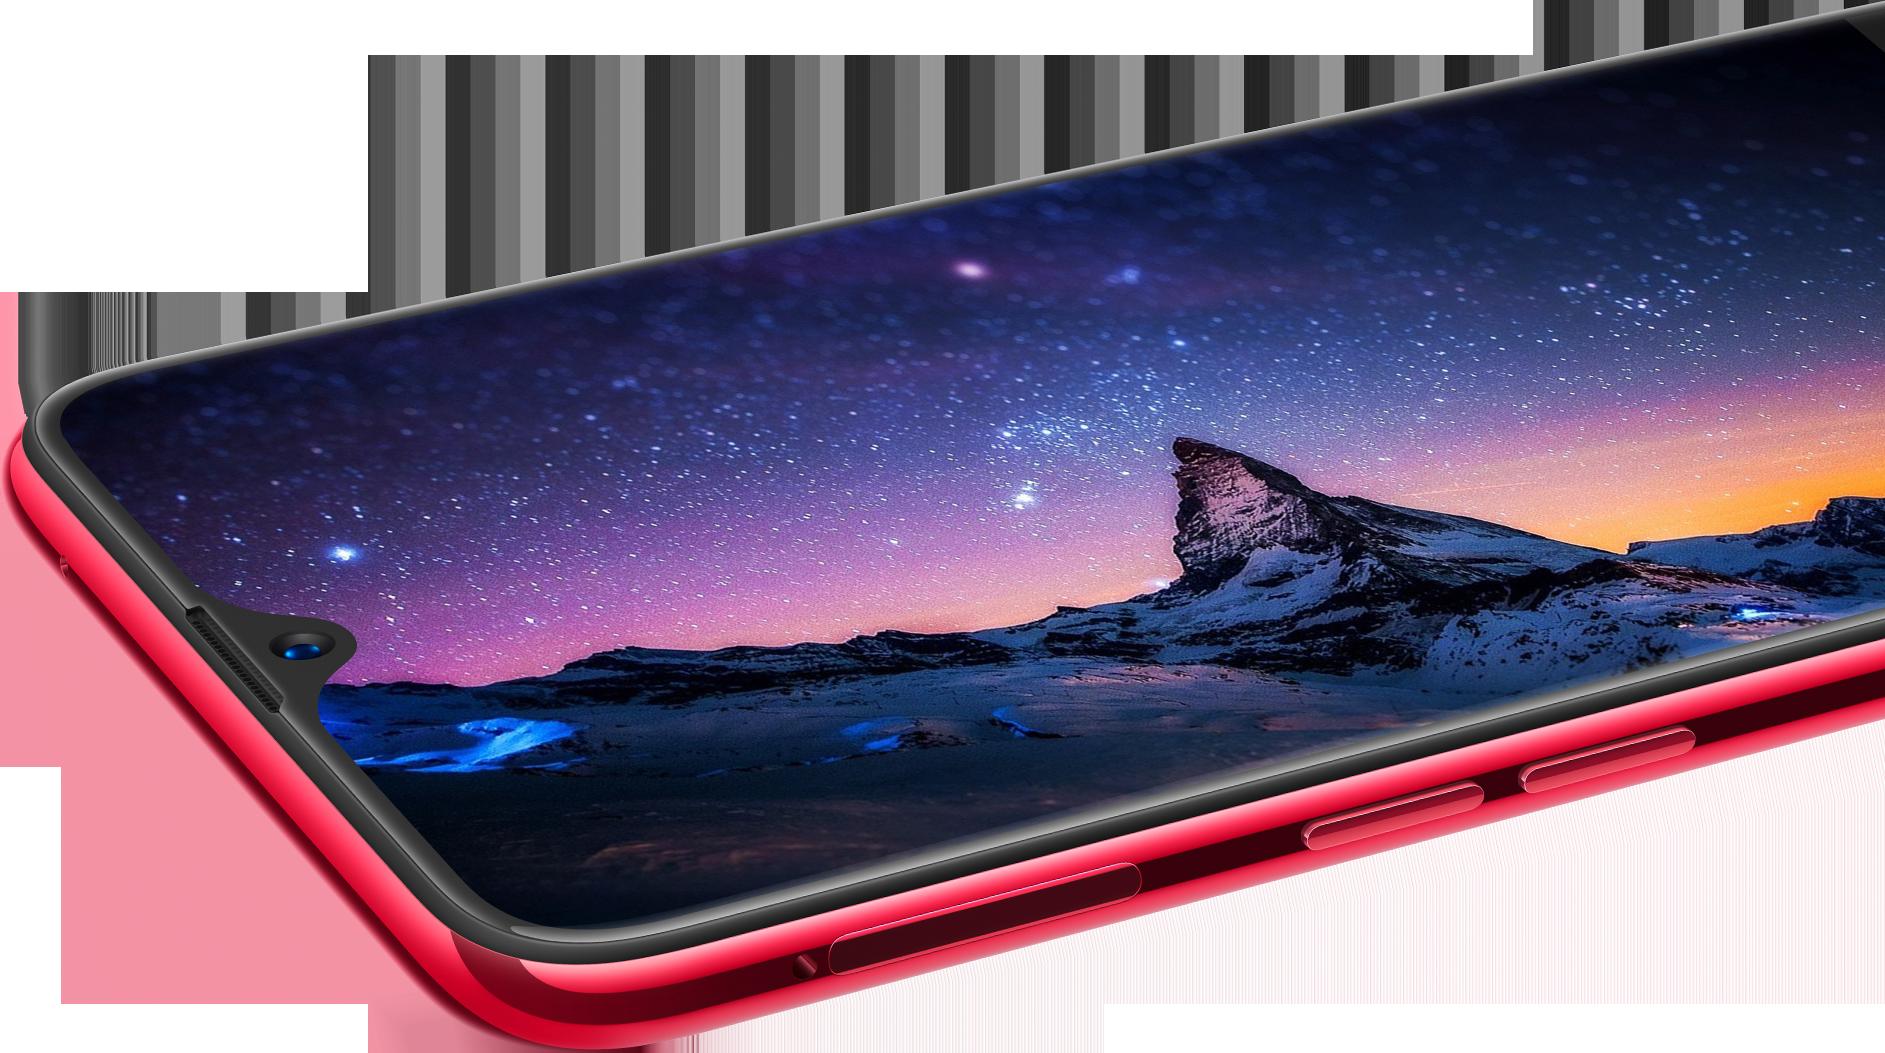 """Sforum - Trang thông tin công nghệ mới nhất 25D OPPO F9 ra mắt: Màn hình """"giọt nước"""", camera kép, sạc nhanh VOOC siêu tốc, giá 7.69 triệu"""